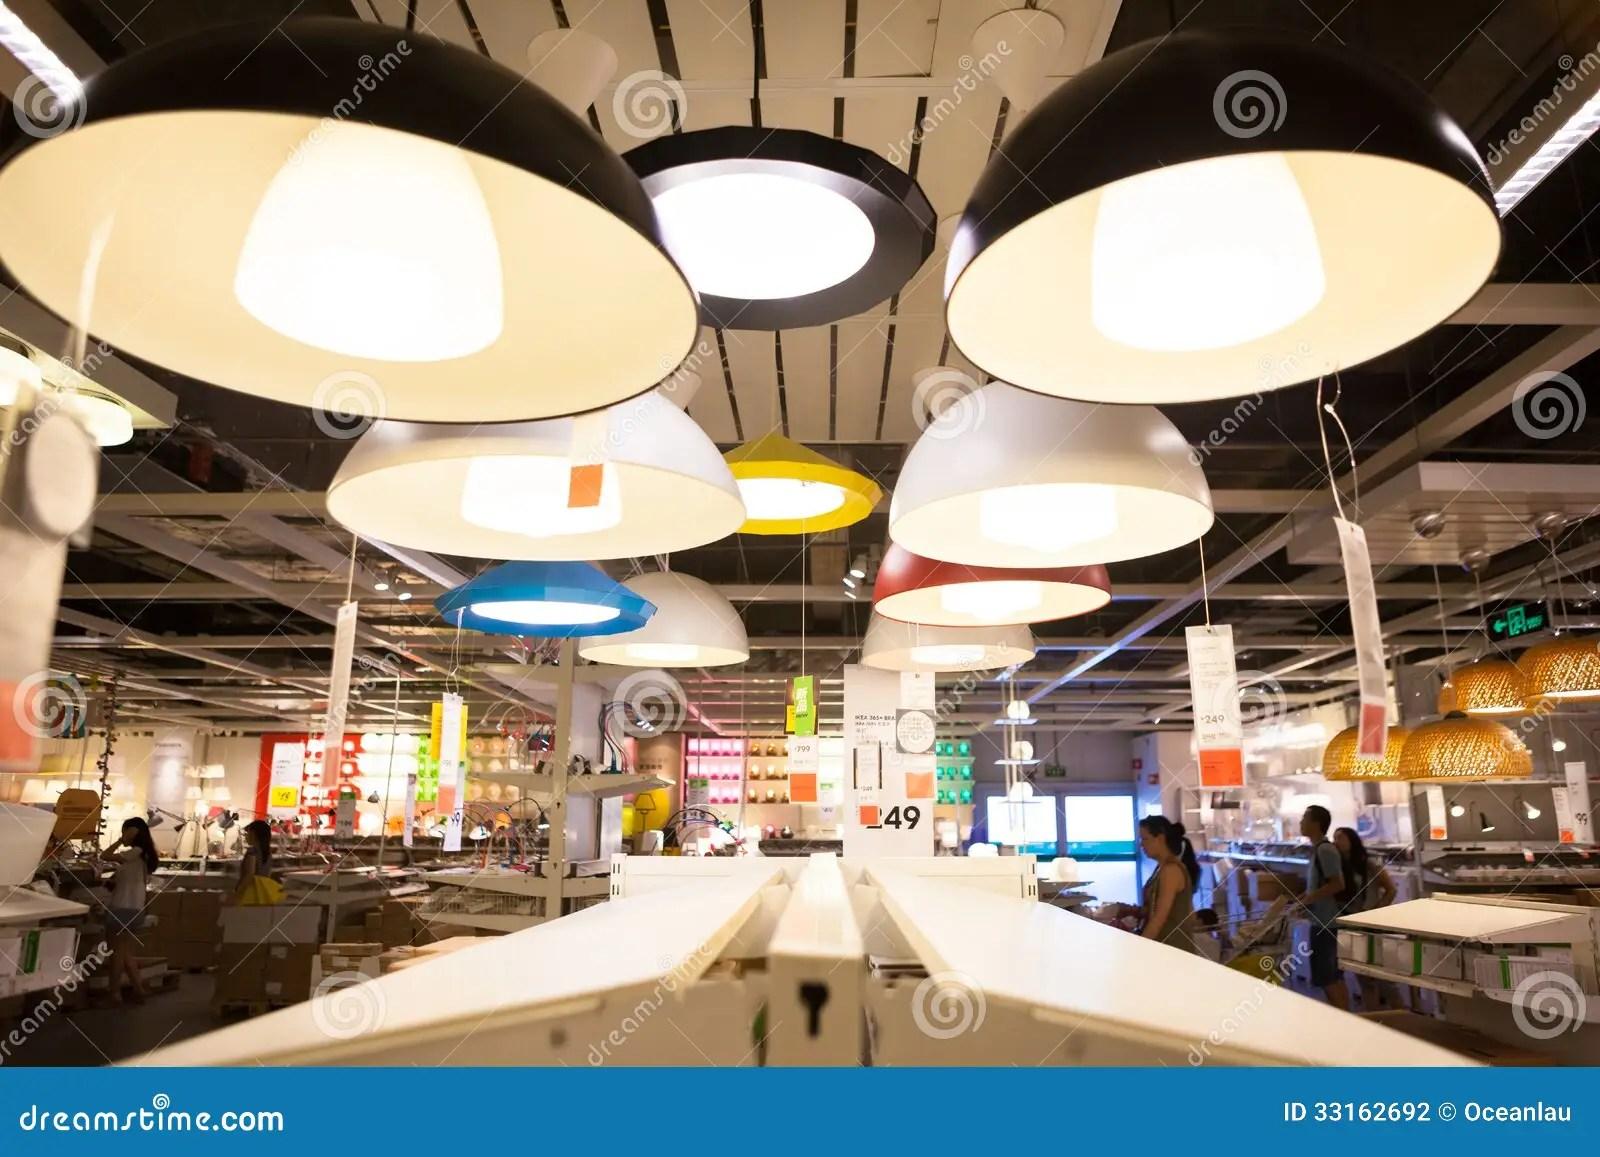 https nequbyruvadoty schmidt grafikdesign com business plan for retail boutique supplies 50325hs html